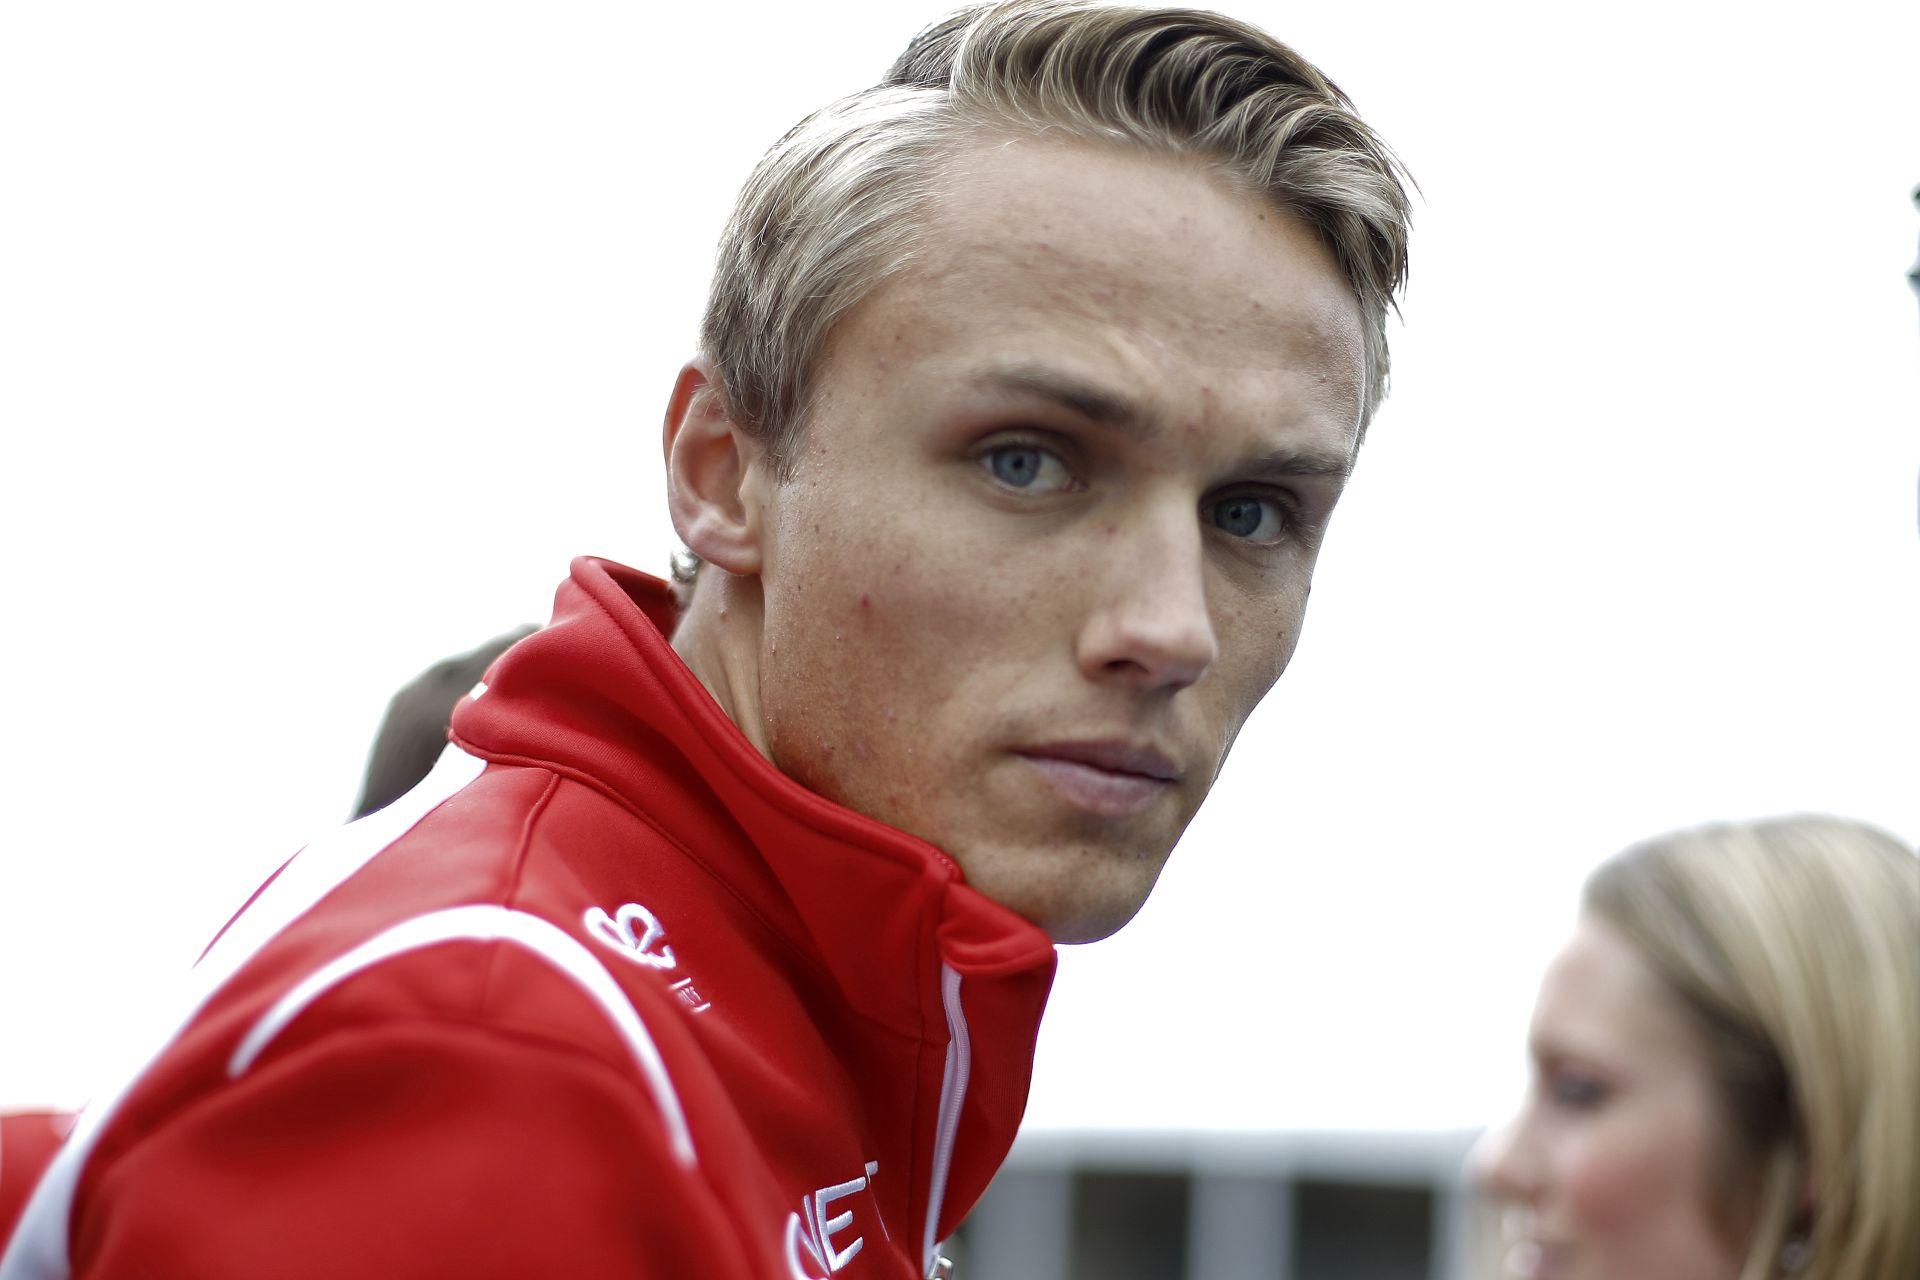 Újabb támadás Raikkönen ellen: Chilton szerint a finn miatt nem szerezhetett pontot Monacóban